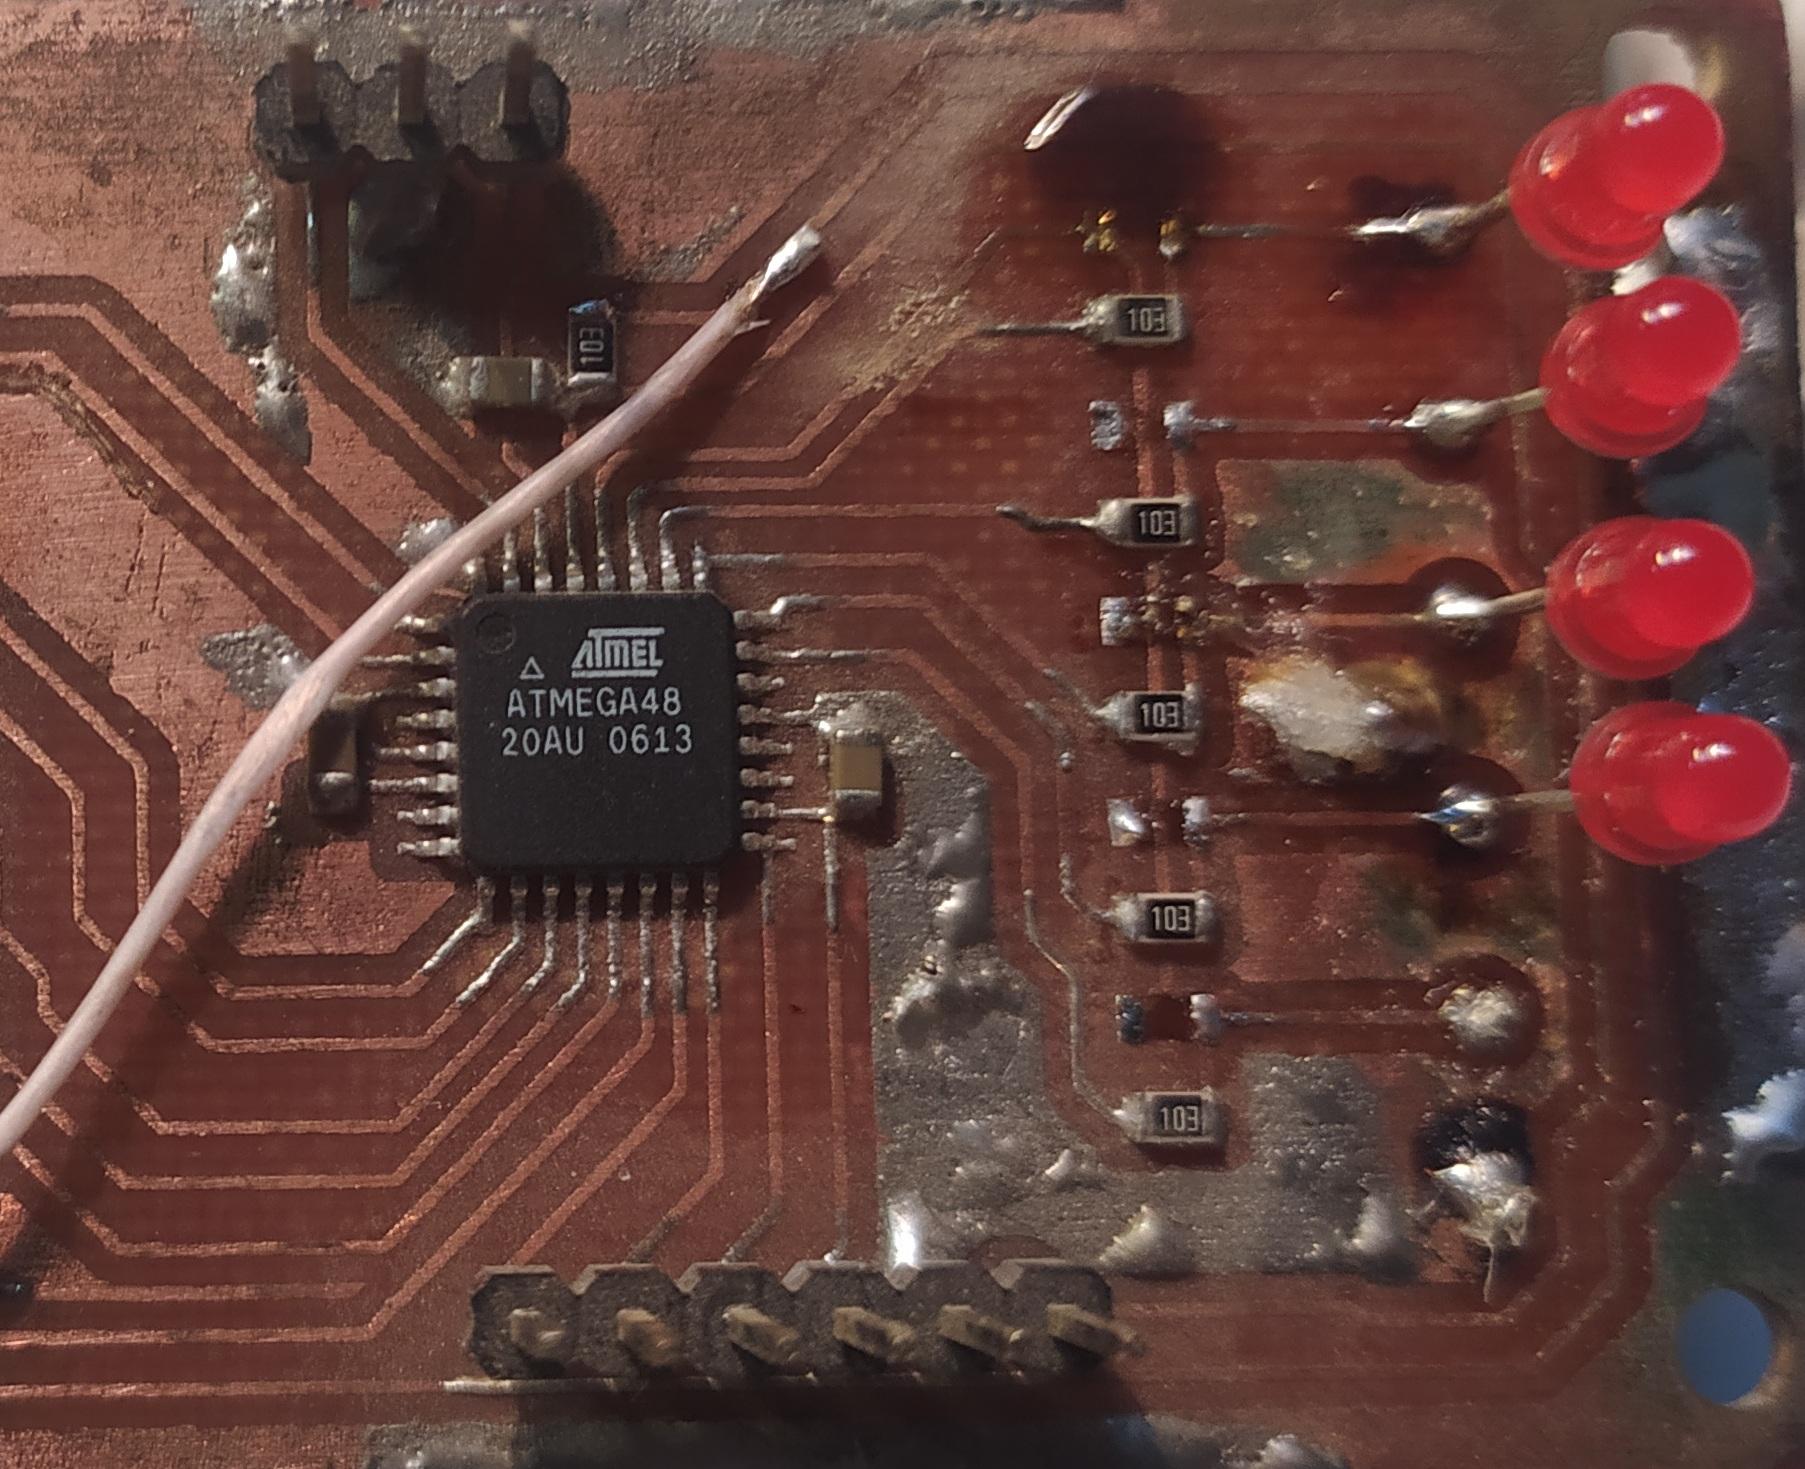 Портирование ModBus Slave RTUASCII на IAR AVR v3